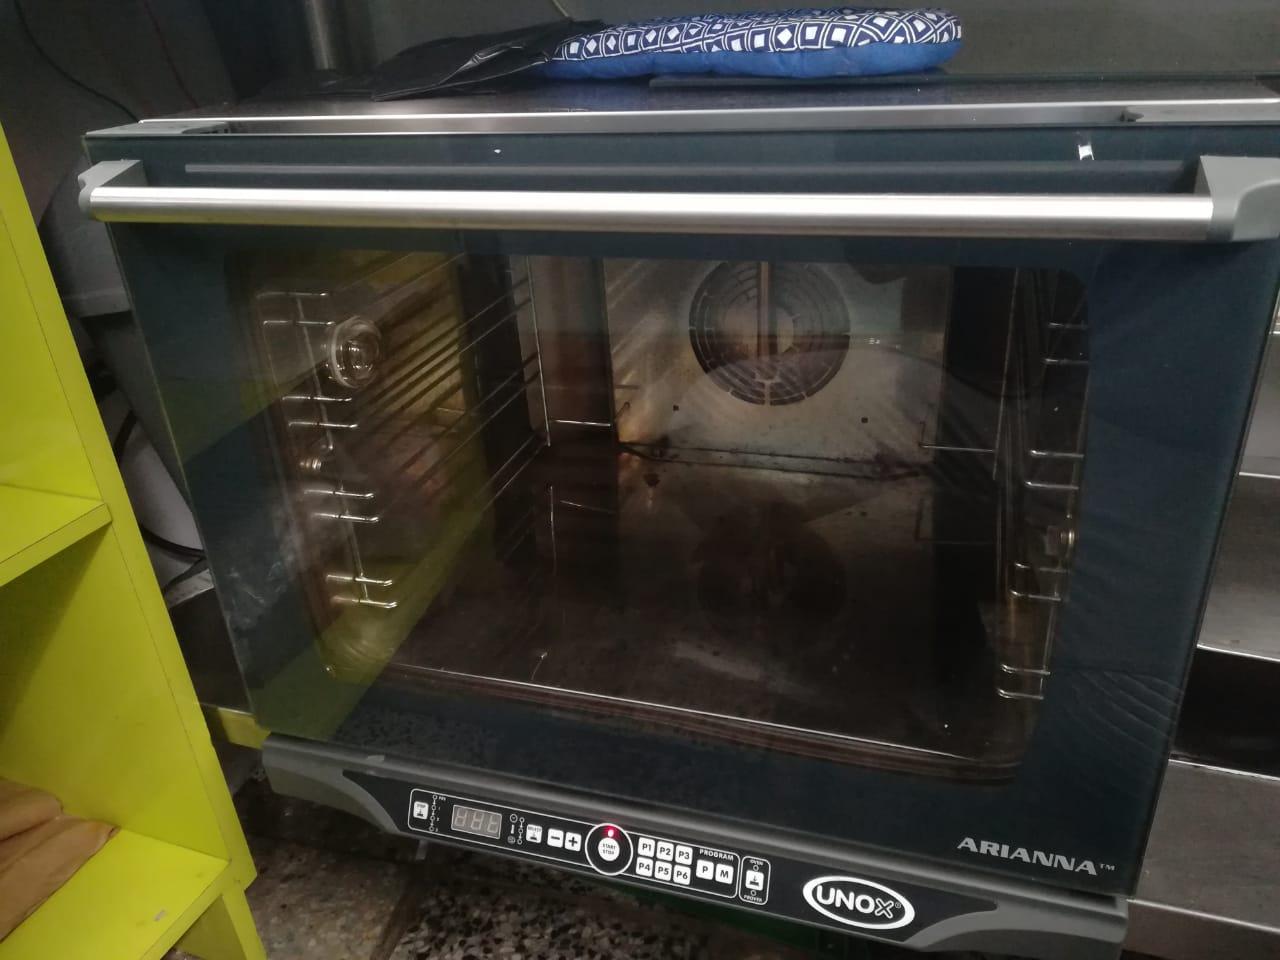 unox-oven